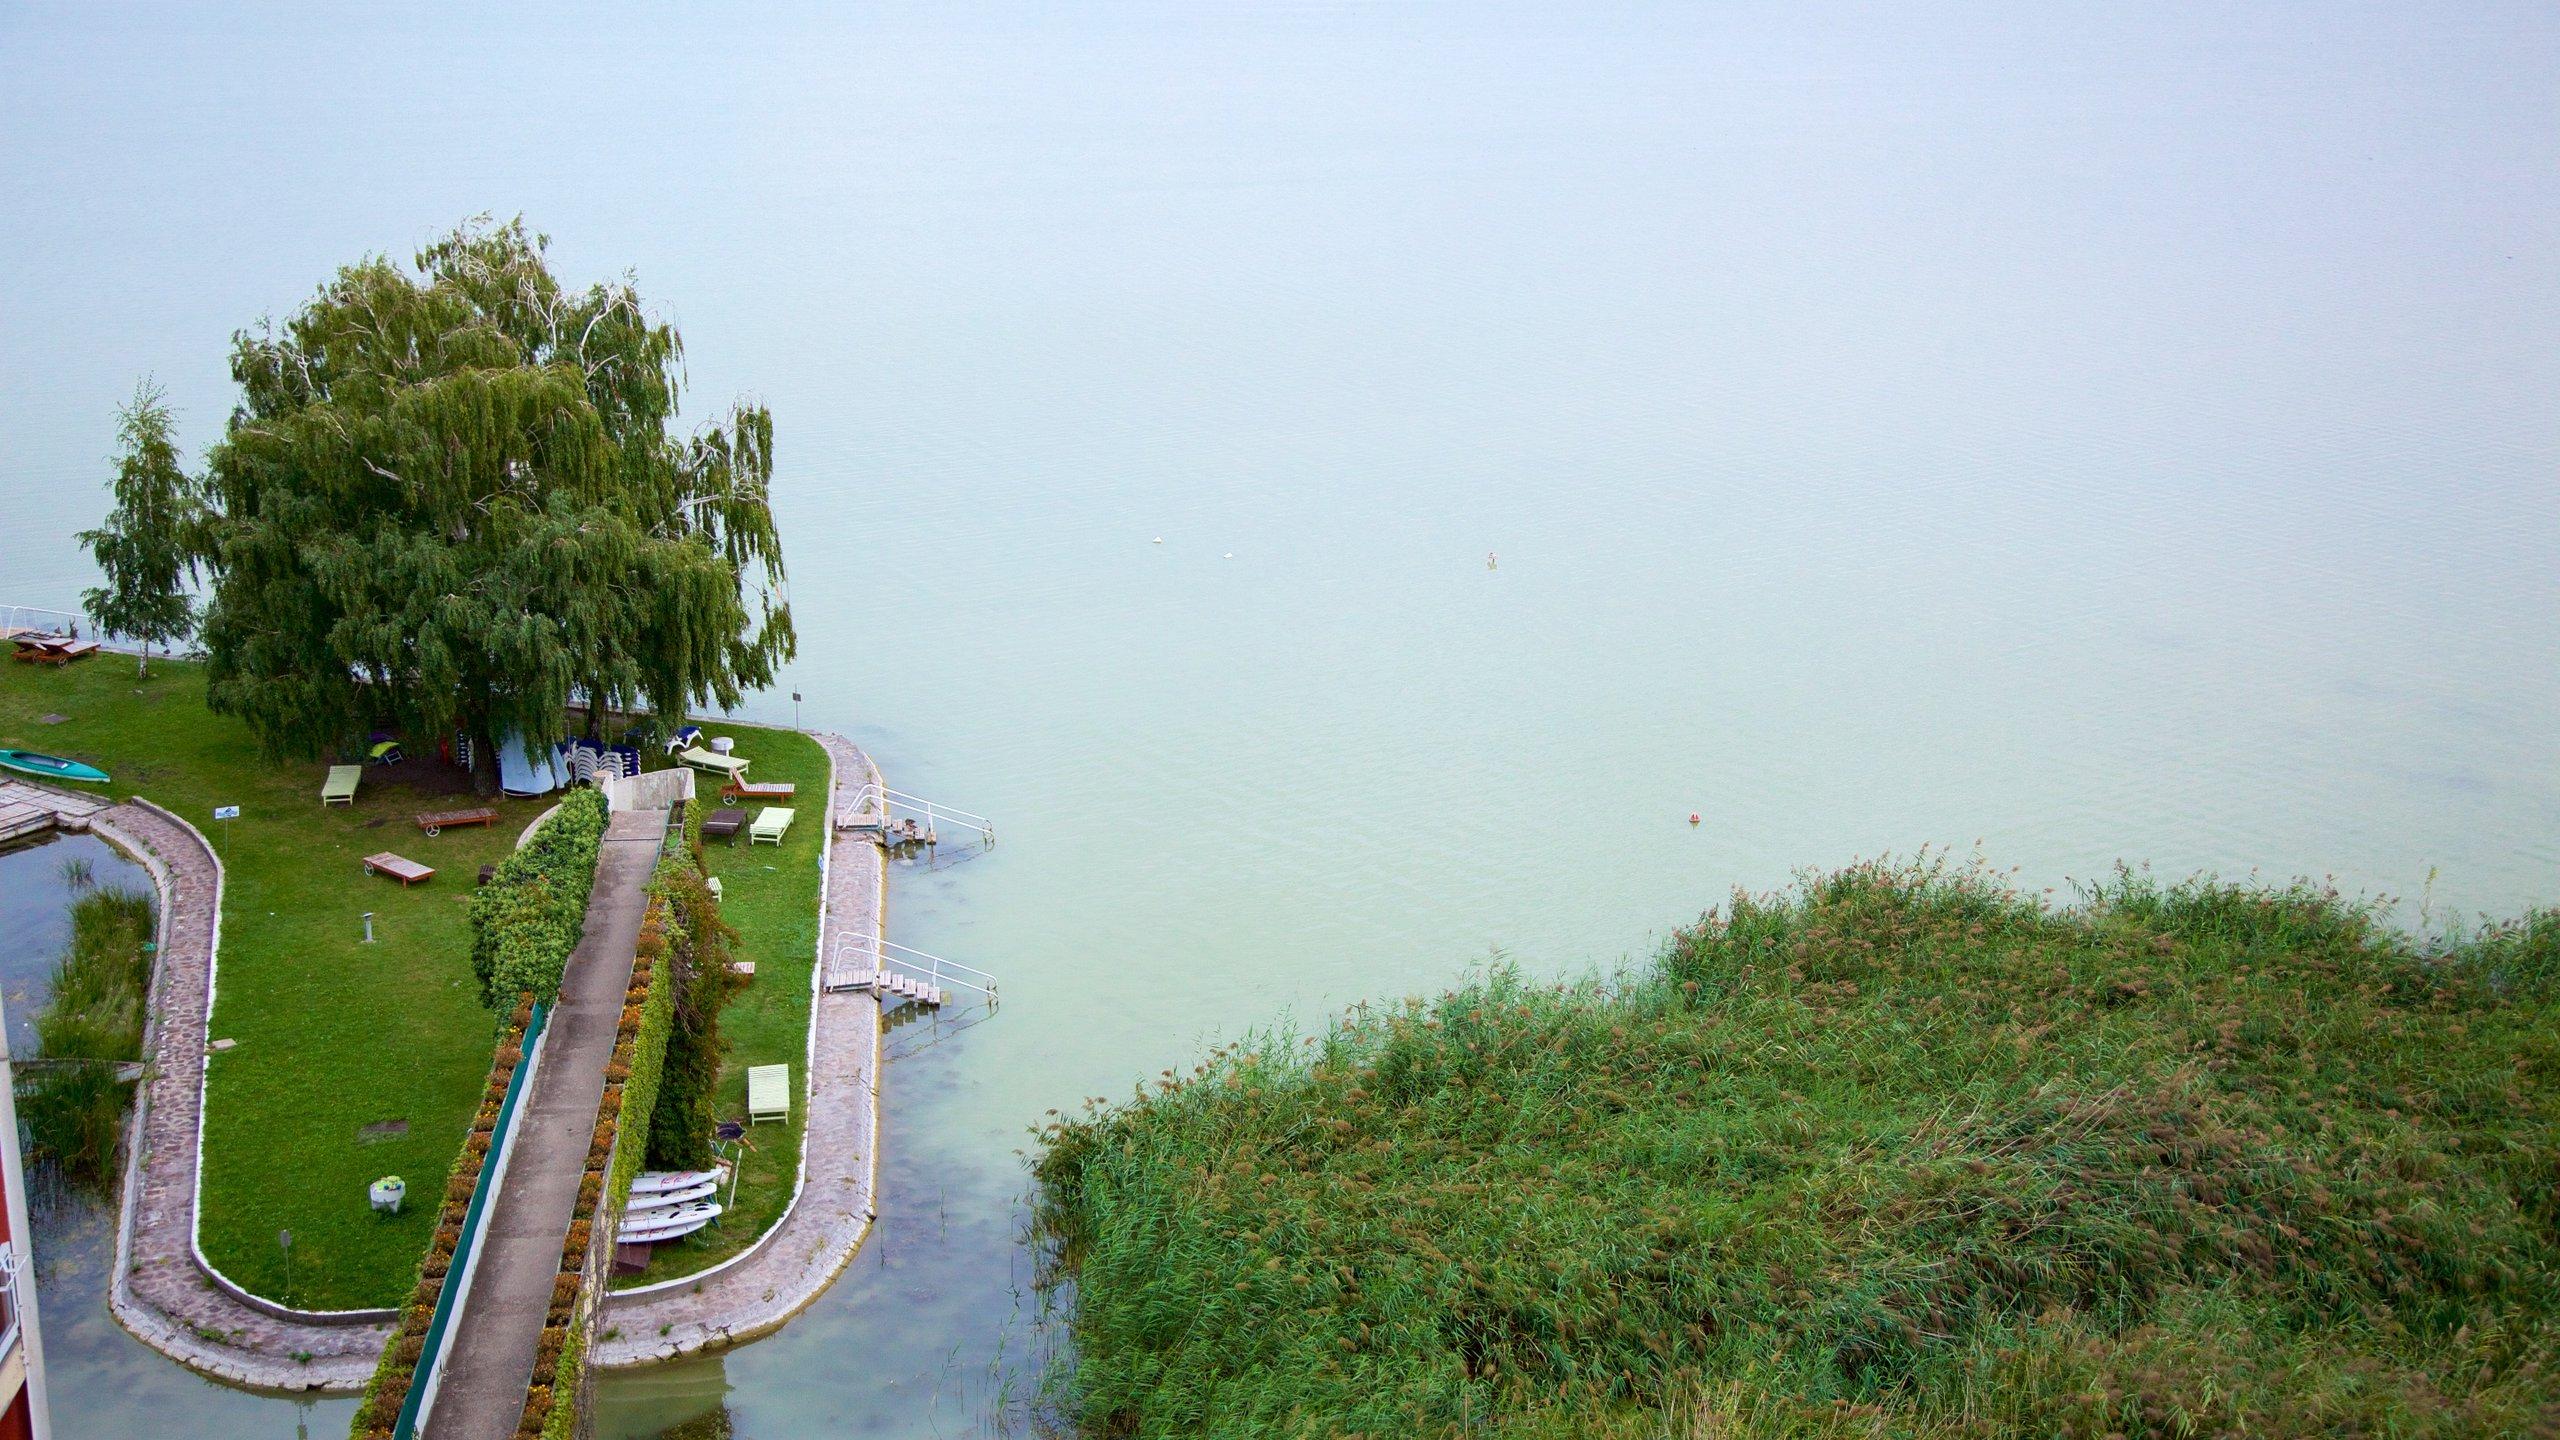 Zala megye, Hungary